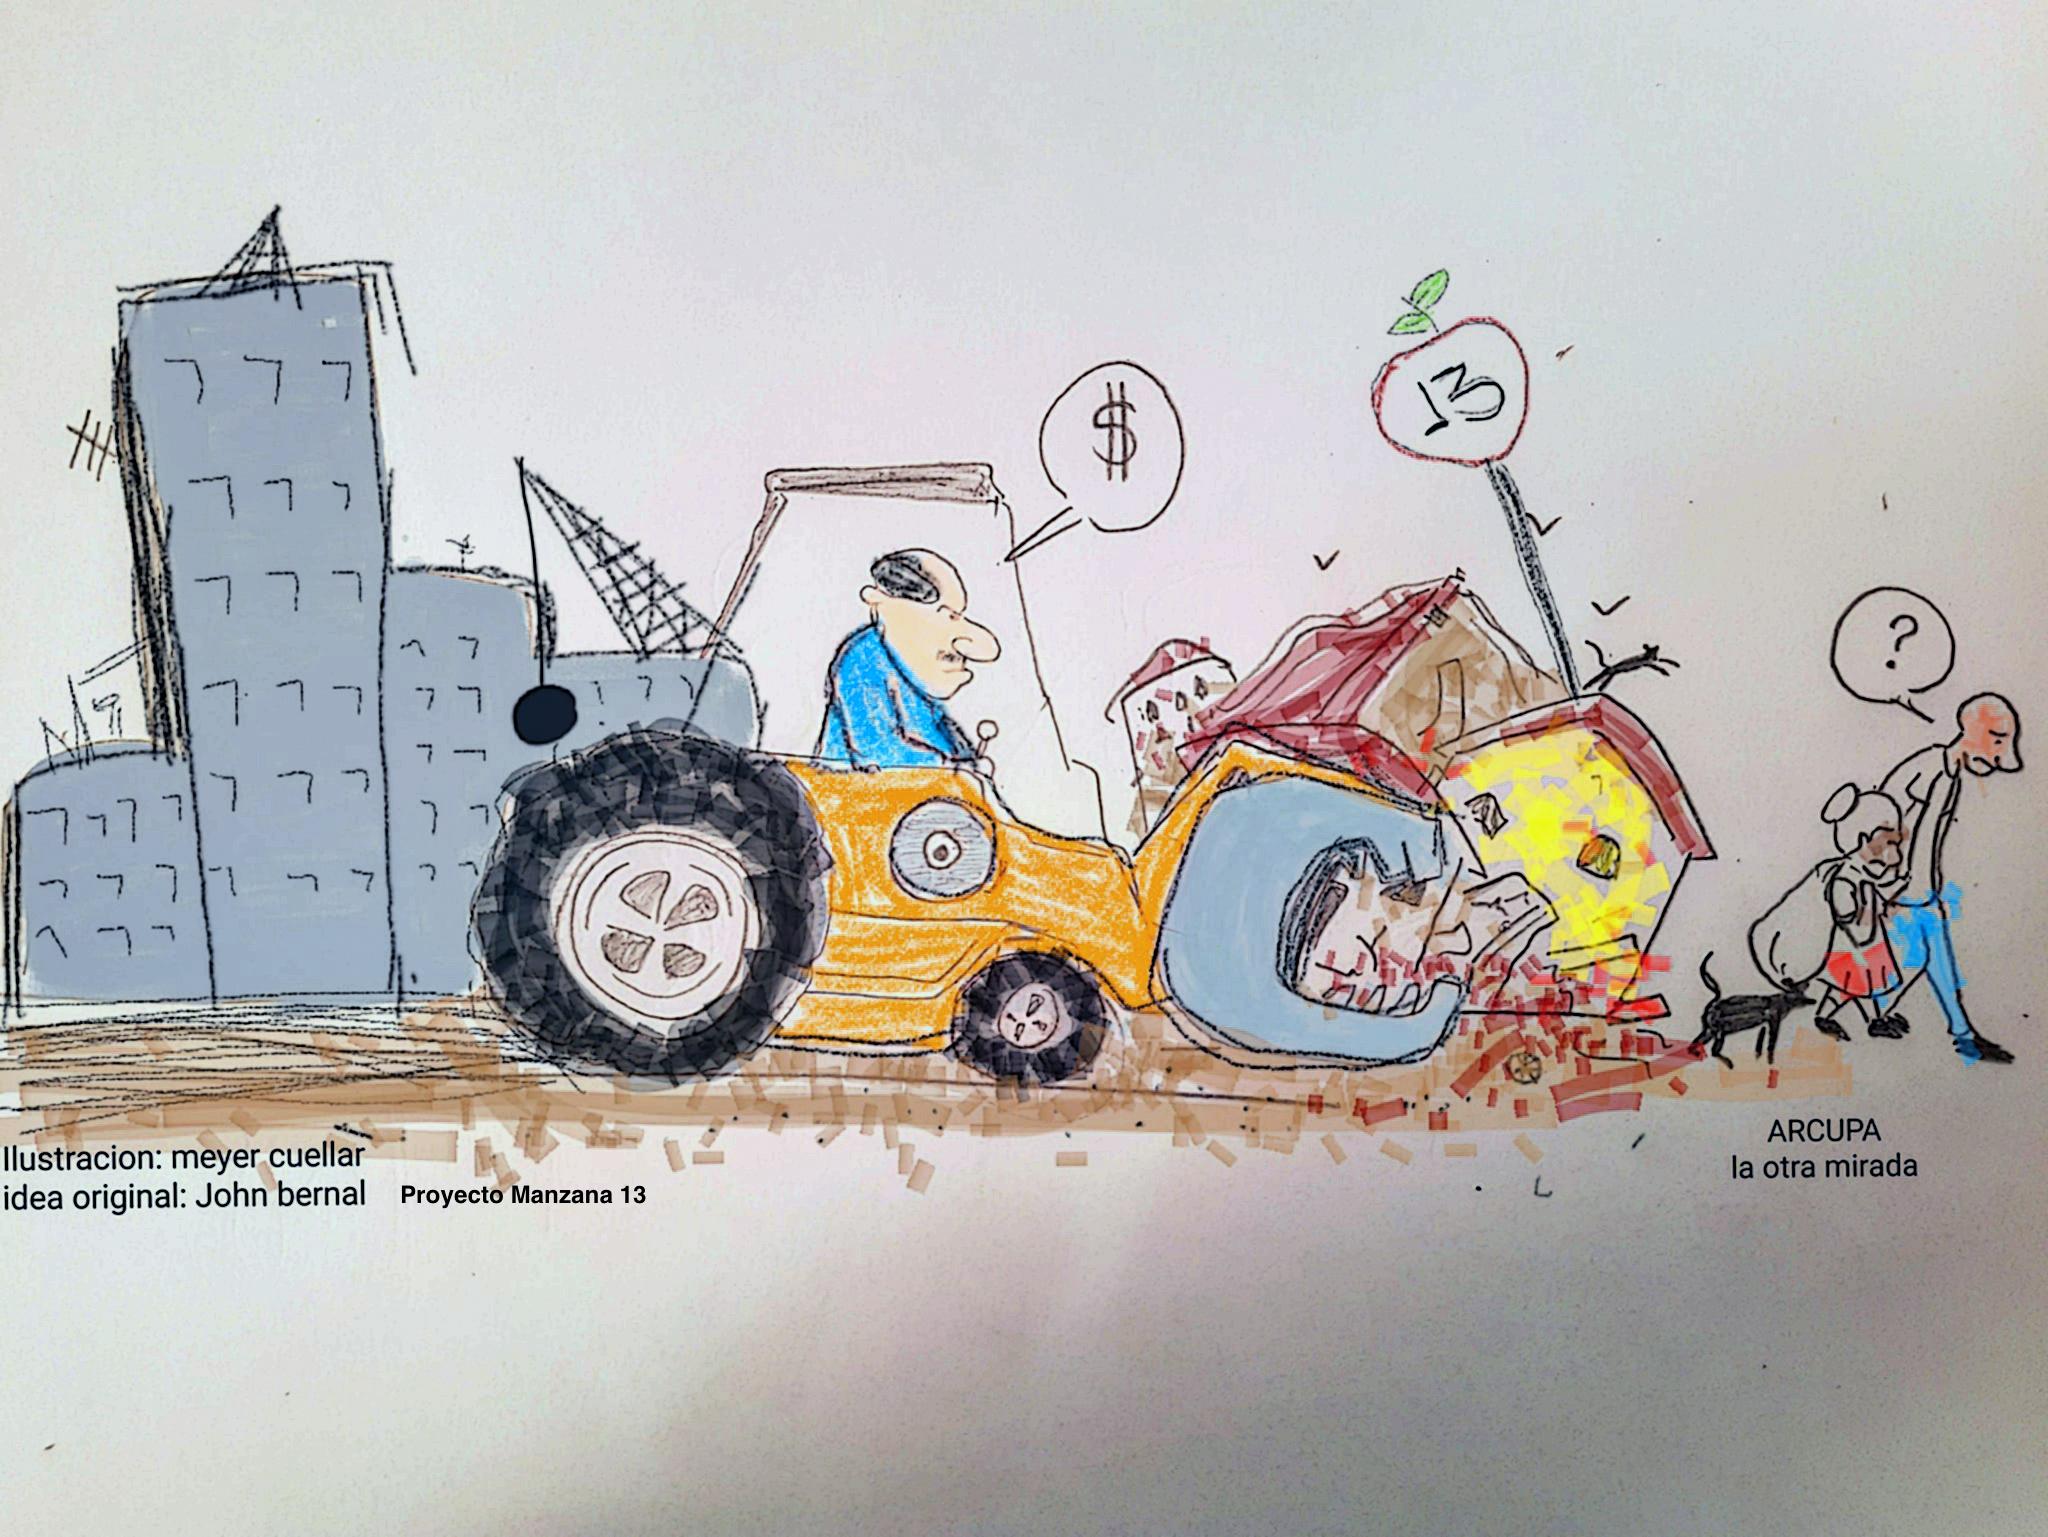 Documento visual del proceso de gentrificación de la Manzana 13, un ejemplar del proyecto artístico de John Bernal para Salon Regional de Artistas, 2018. Ilustración por Meyer Cuellar.